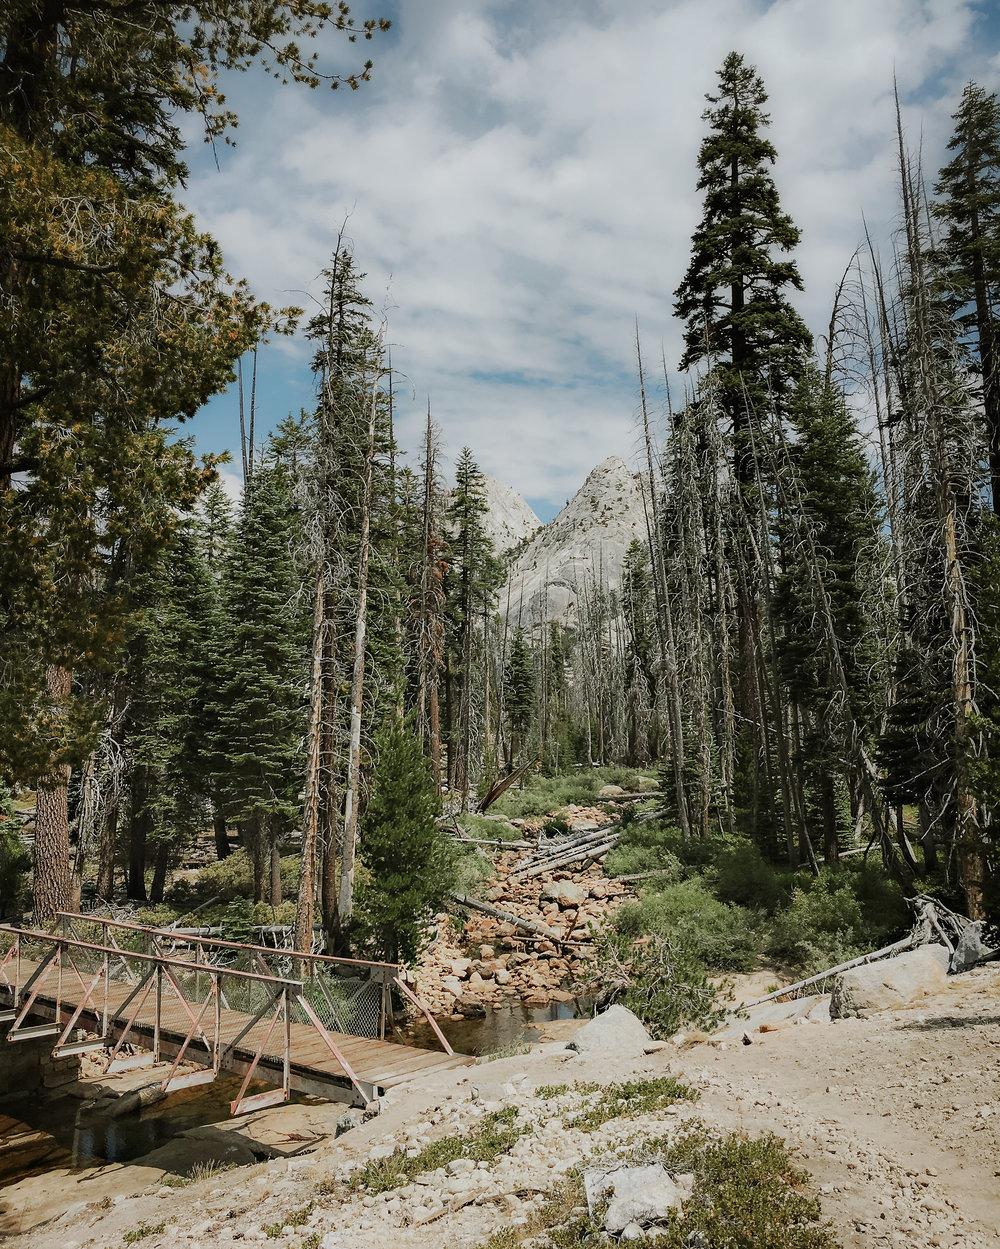 high-sierra-camp-loop-yosemite-vivianchen-2553.jpg